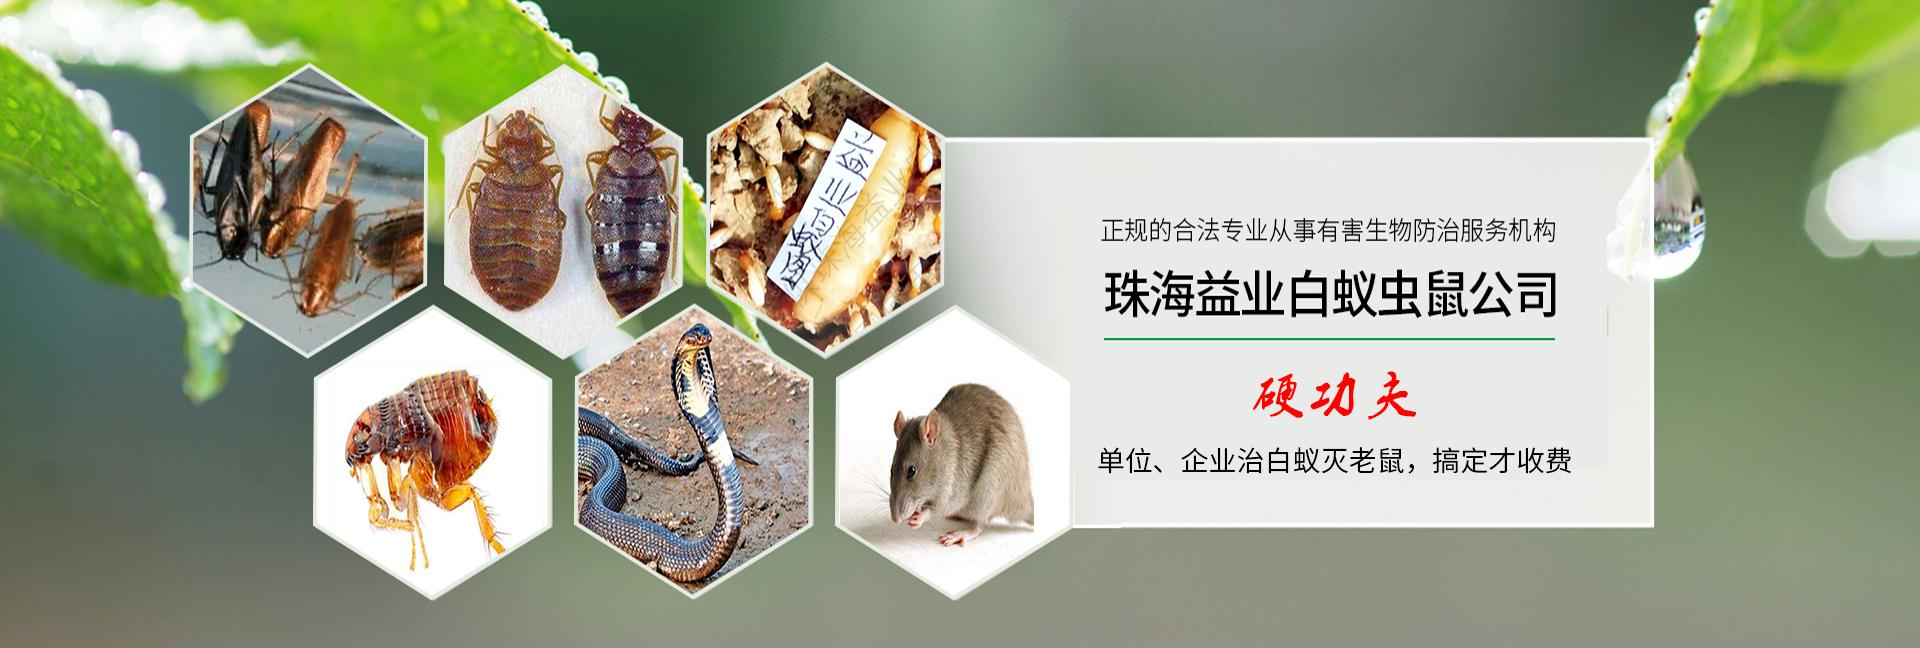 珠海白蚁预防